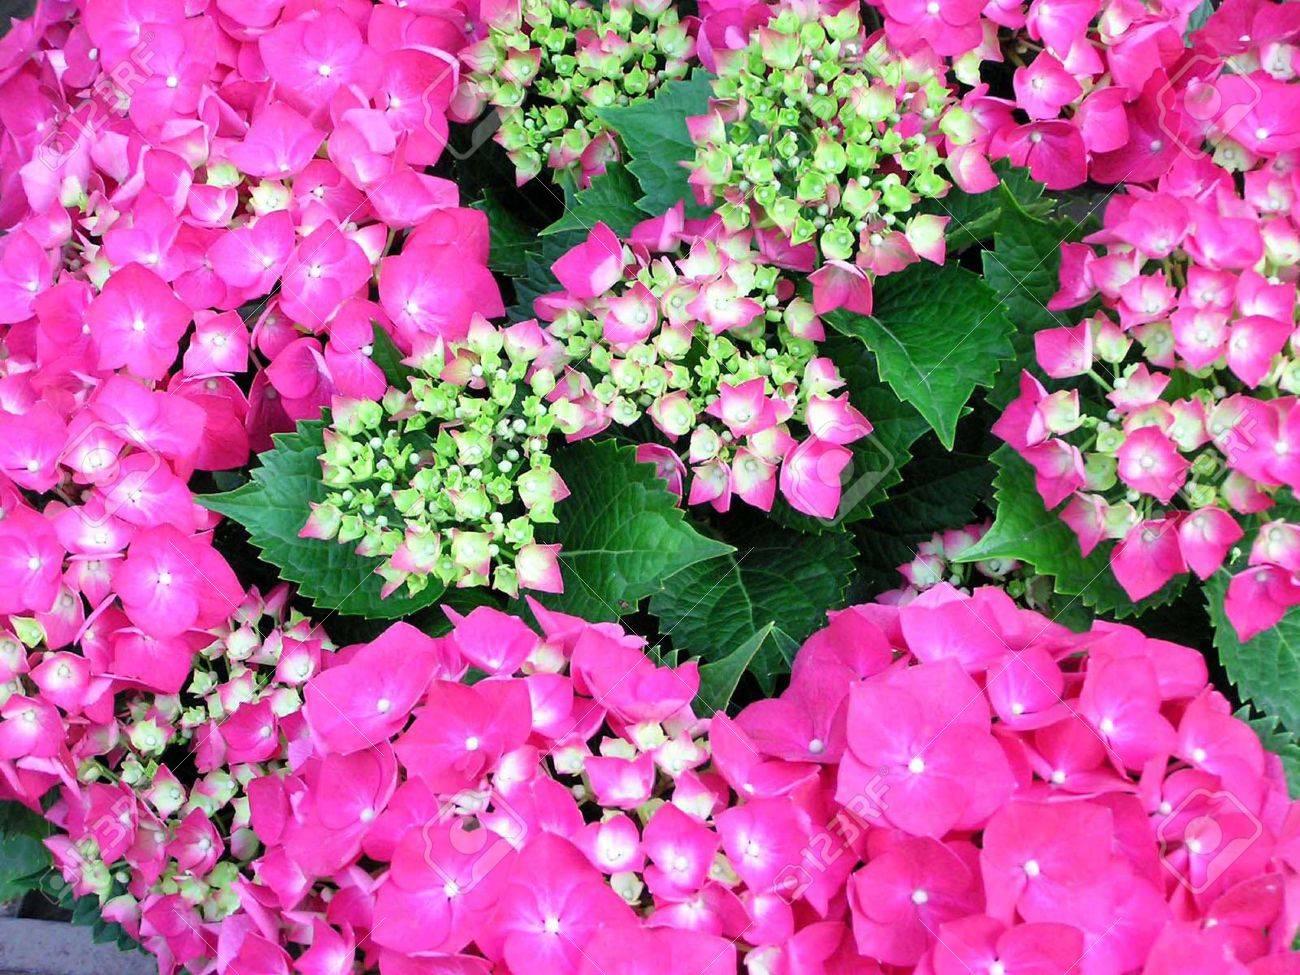 Come Far Fiorire Le Ortensie grandi fiori foglia ortensia in piena fioritura, close up di immagini,  rosso, molto bella, può fare piante verdi, può essere in vaso, foto  scattata